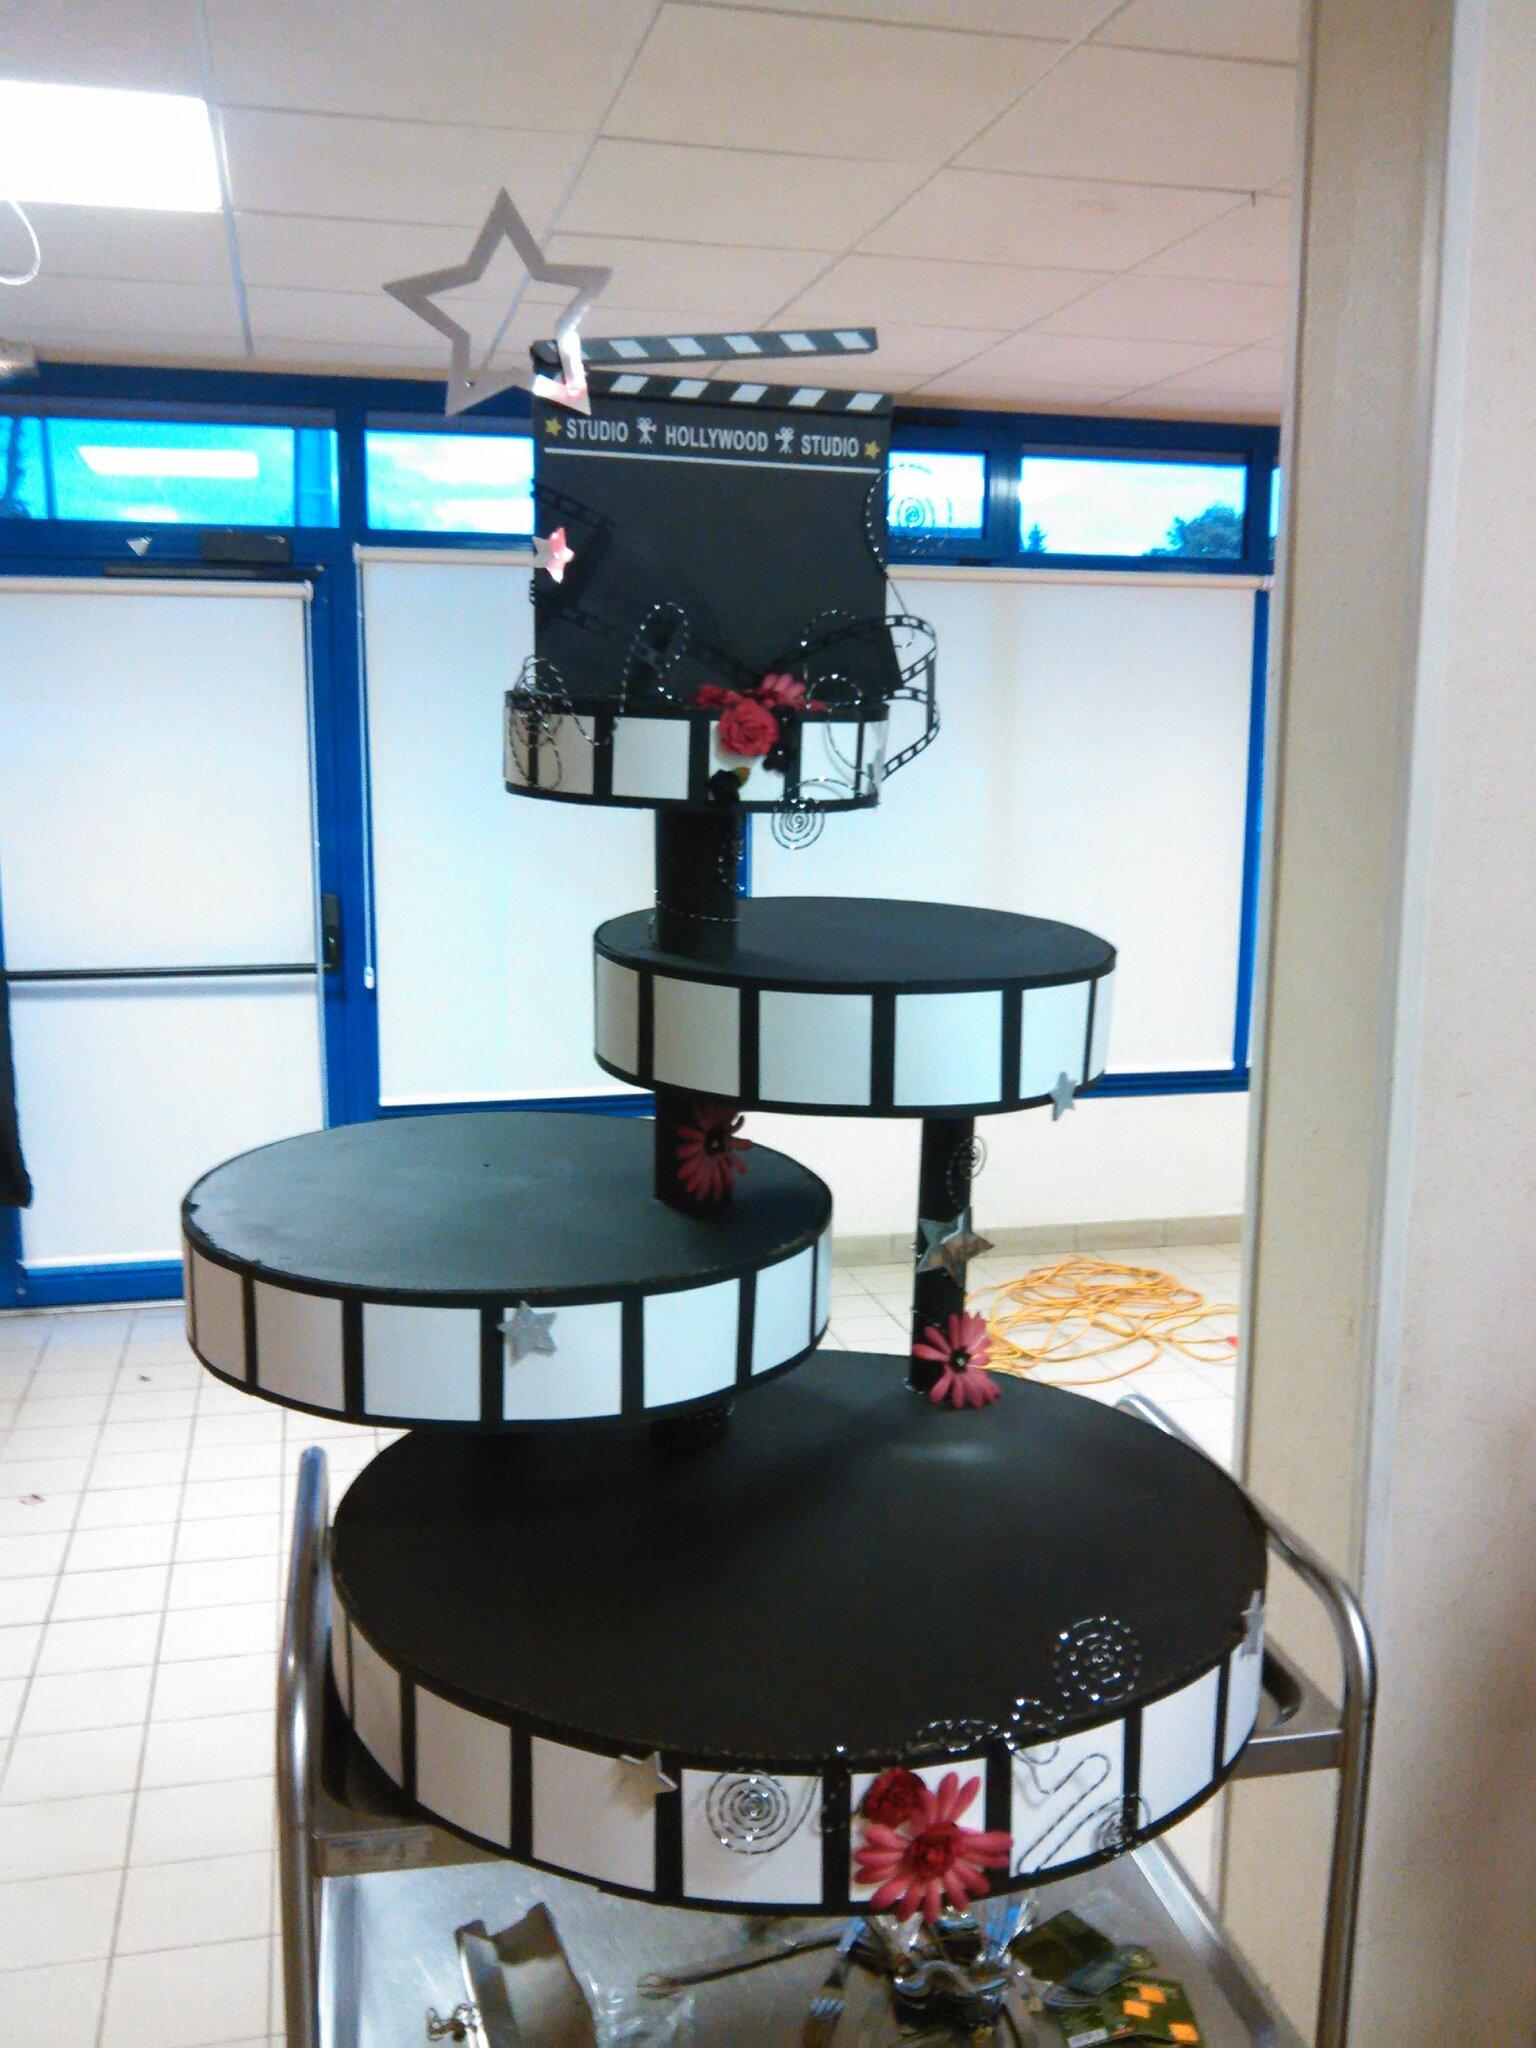 Deco Salle Cinema deco de salle sur le theme du cinema - les révélations créatives de